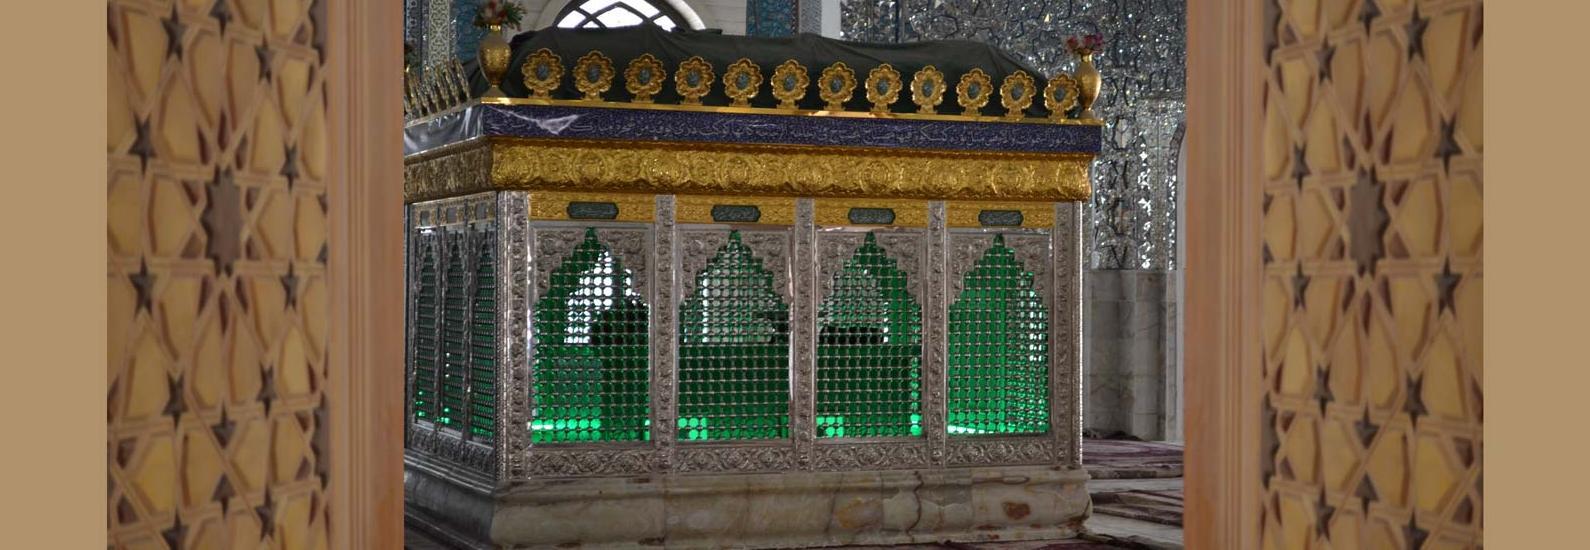 درب چوبی سنتی ورودی ساختمان،مسجد گره چینی مشبک